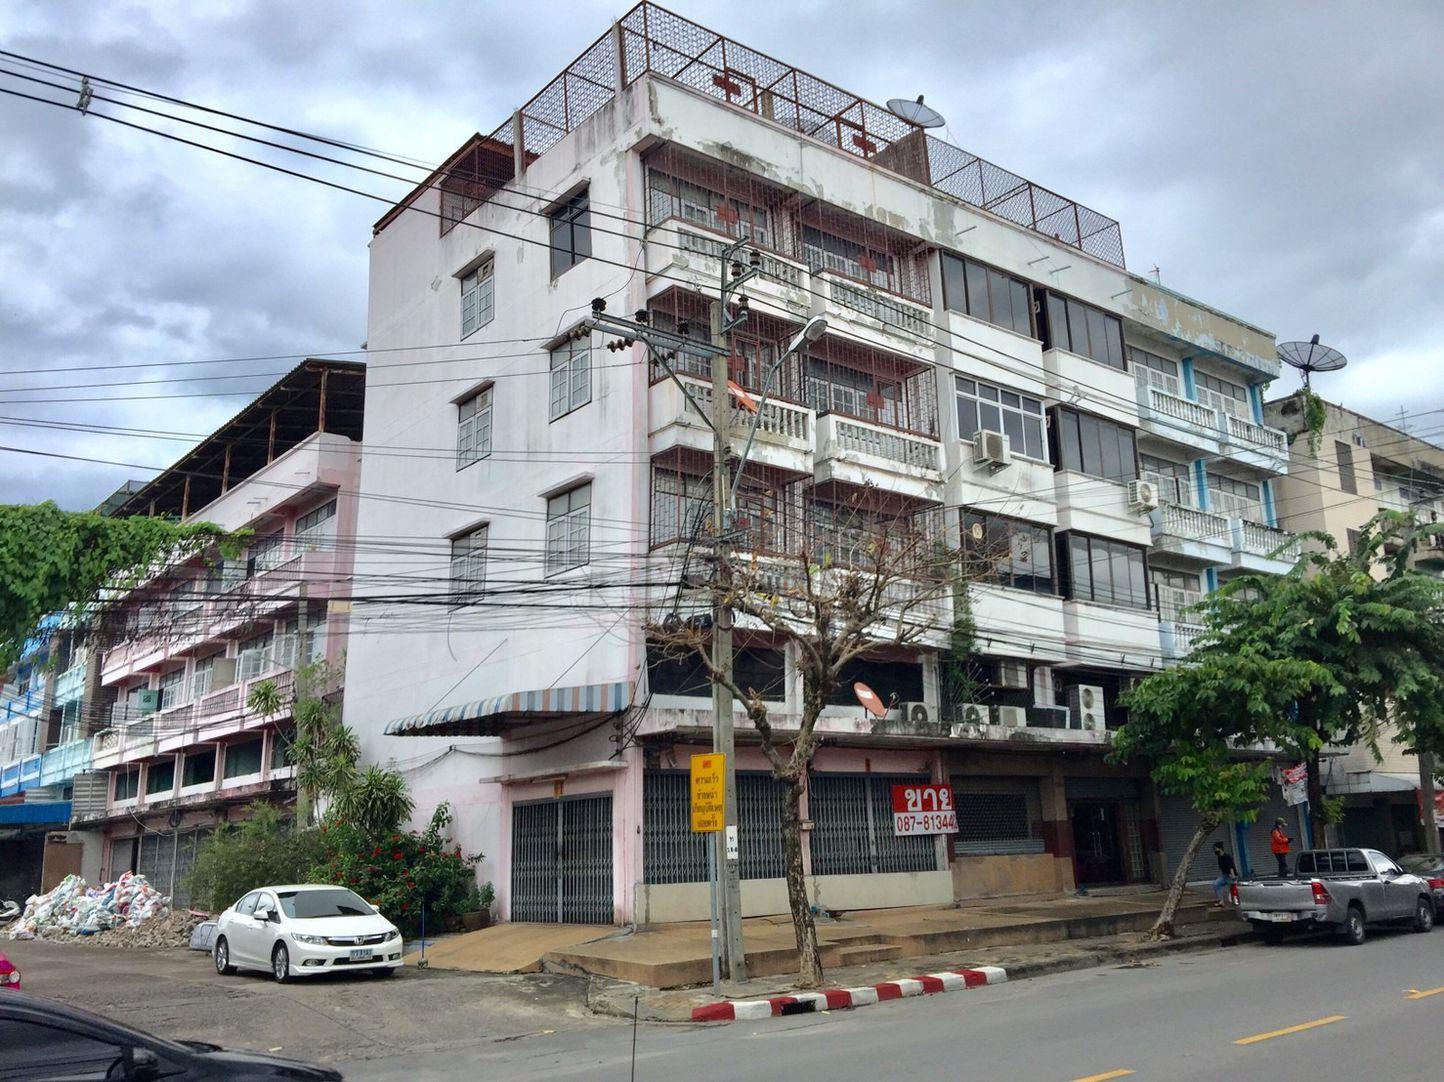 ขายตึกแถวมือสอง ติดถนน มีที่จอดรถ ทำเลธนบุรี-พระราม2